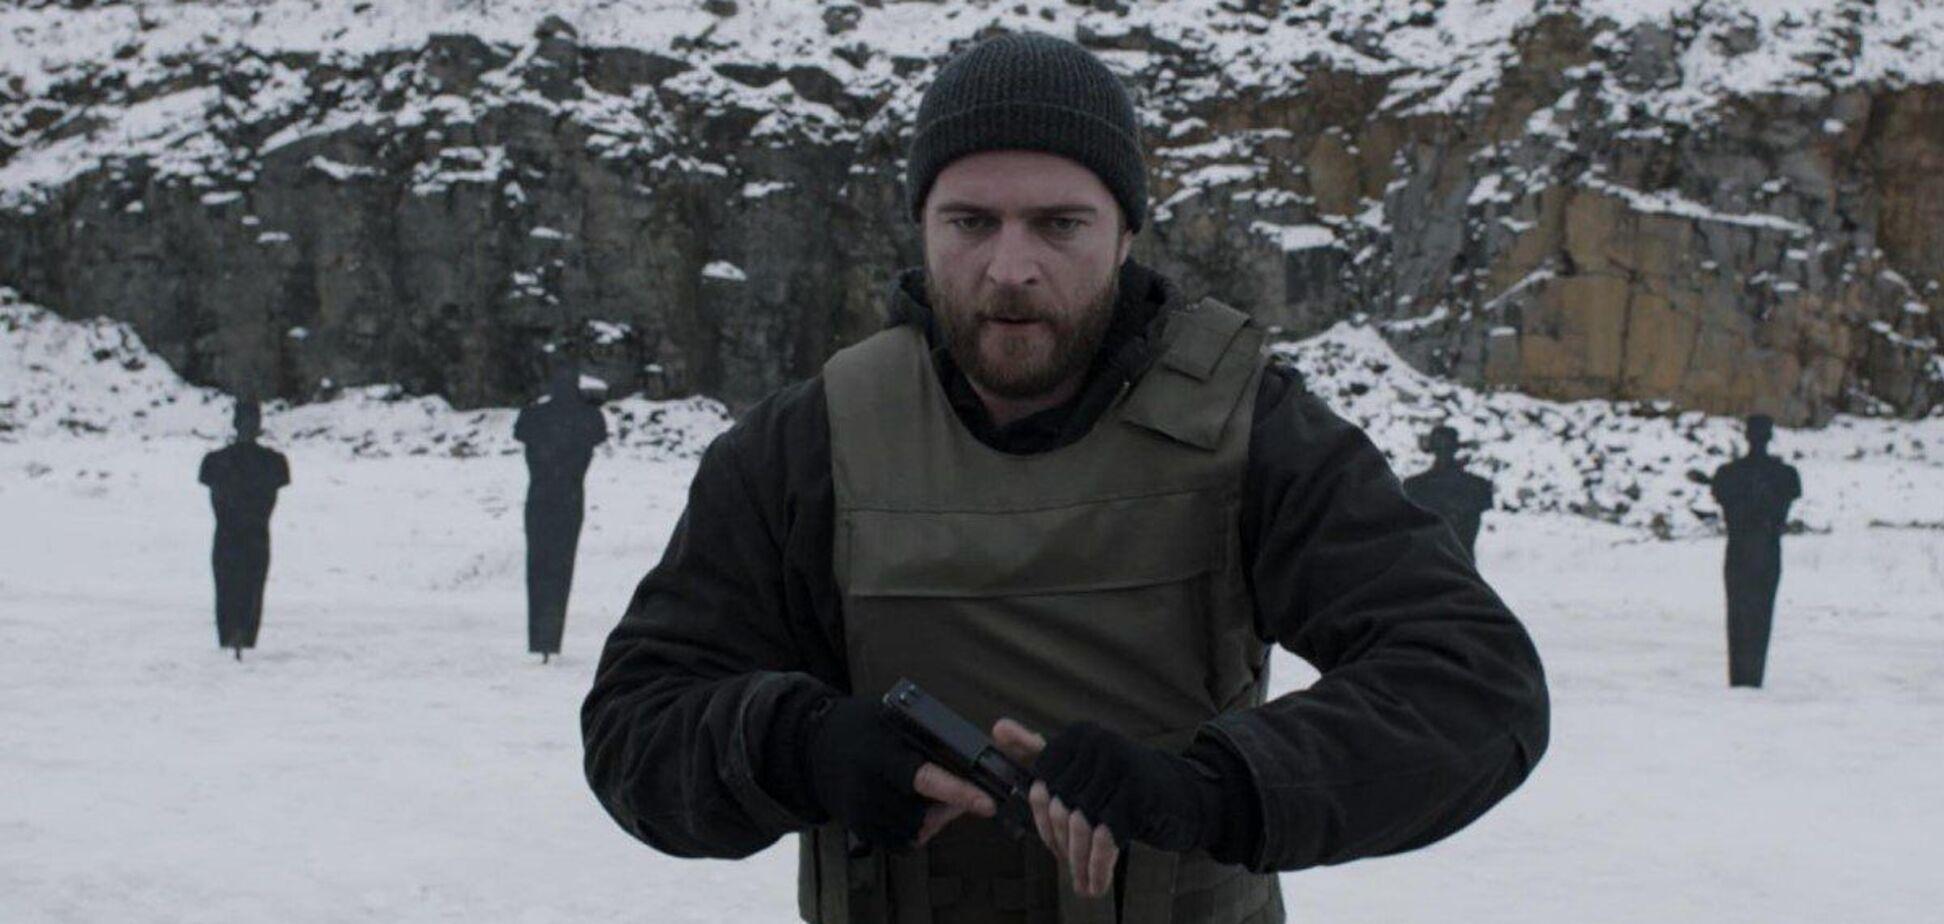 Украинский фильм 'Атлантида' выдвинули на премию BAFTA в 12 номинациях